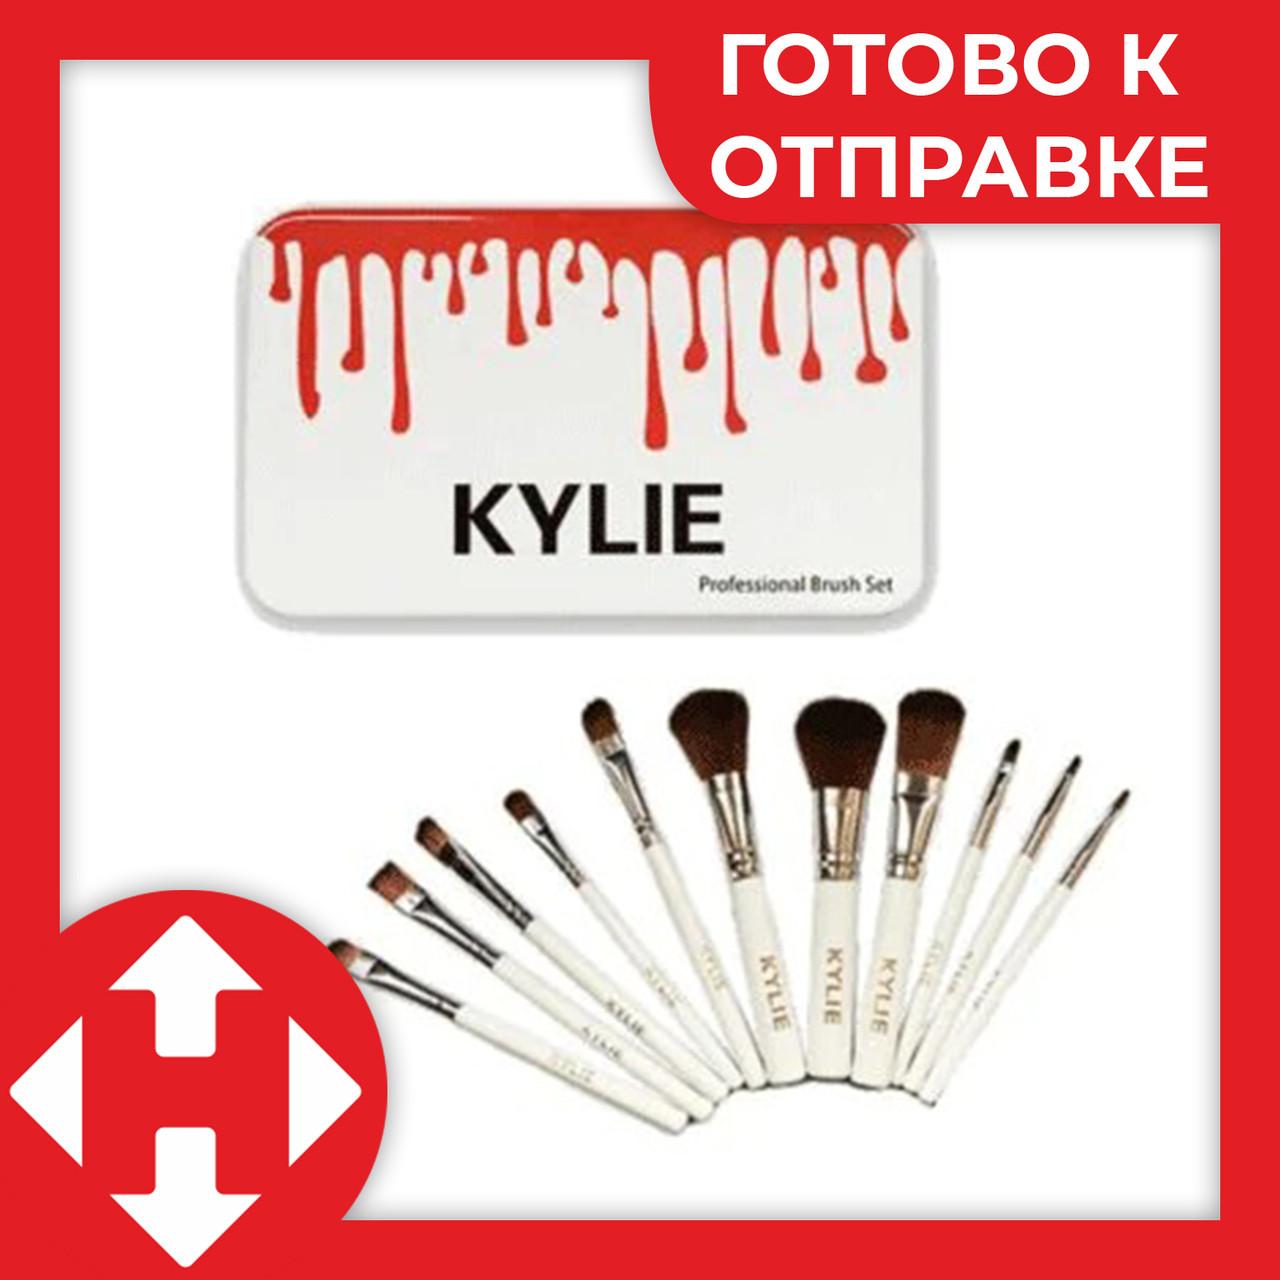 Распродажа! Набор кистей для макияжа набор 12 шт. кисти Kylie для бровей растушевки теней пудры